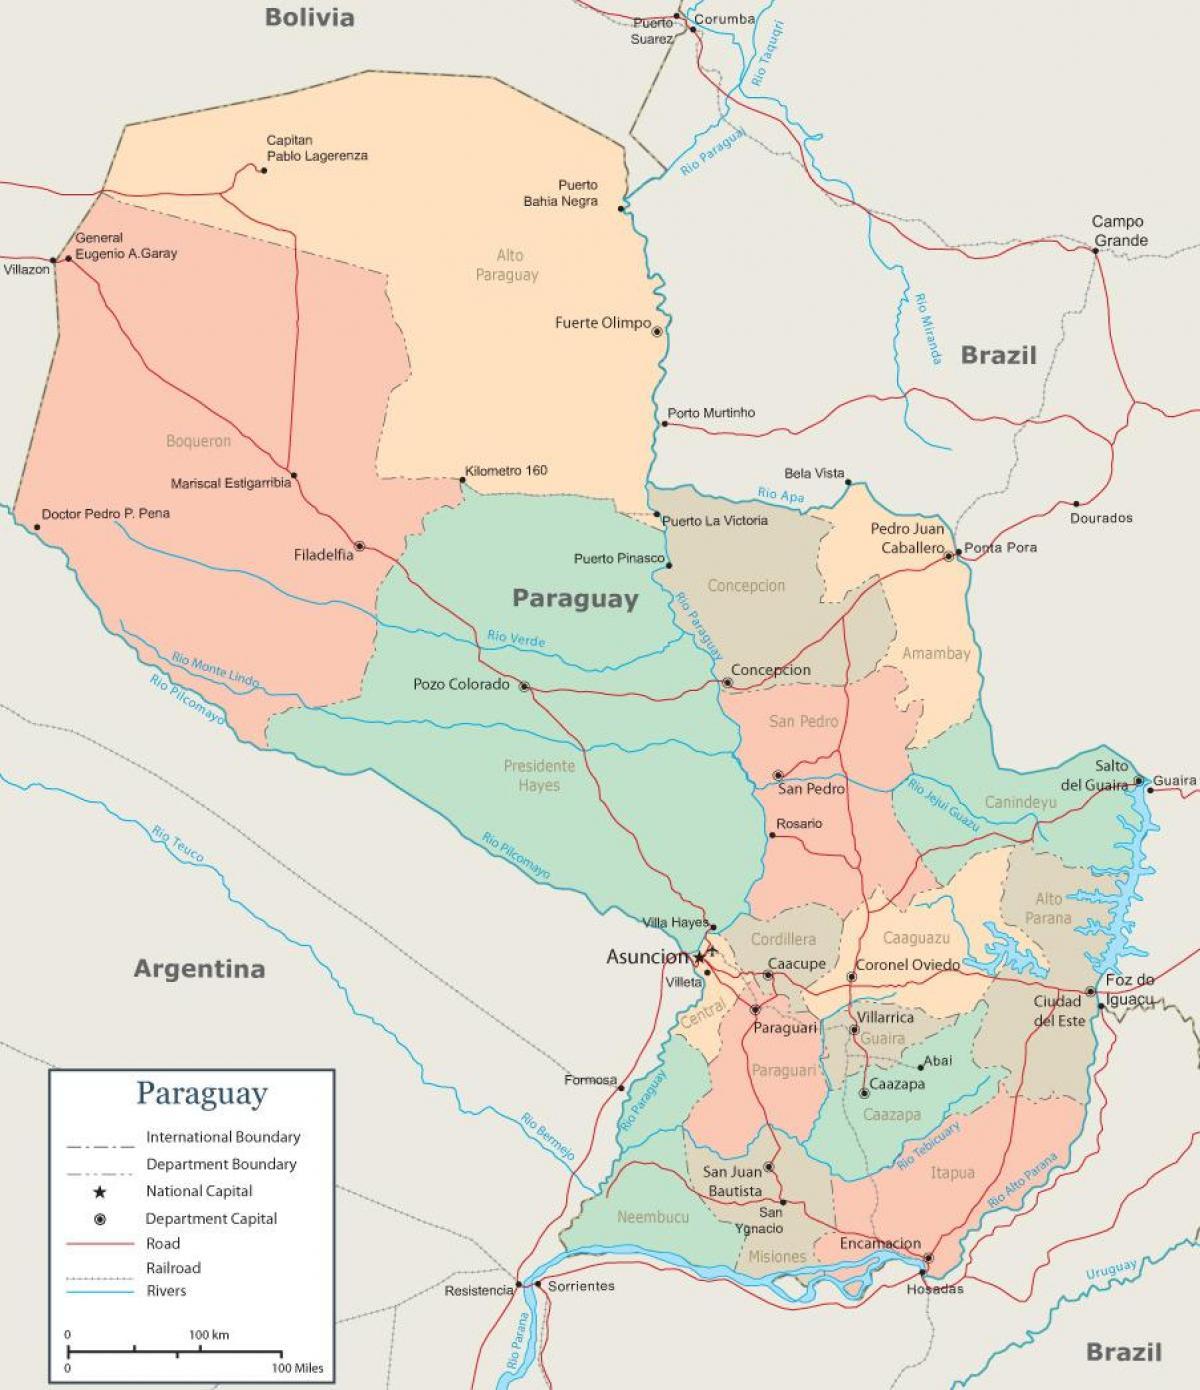 Karte Anzeigen.Asuncion Karte Von Paraguay Paraguay Asuncion Anzeigen